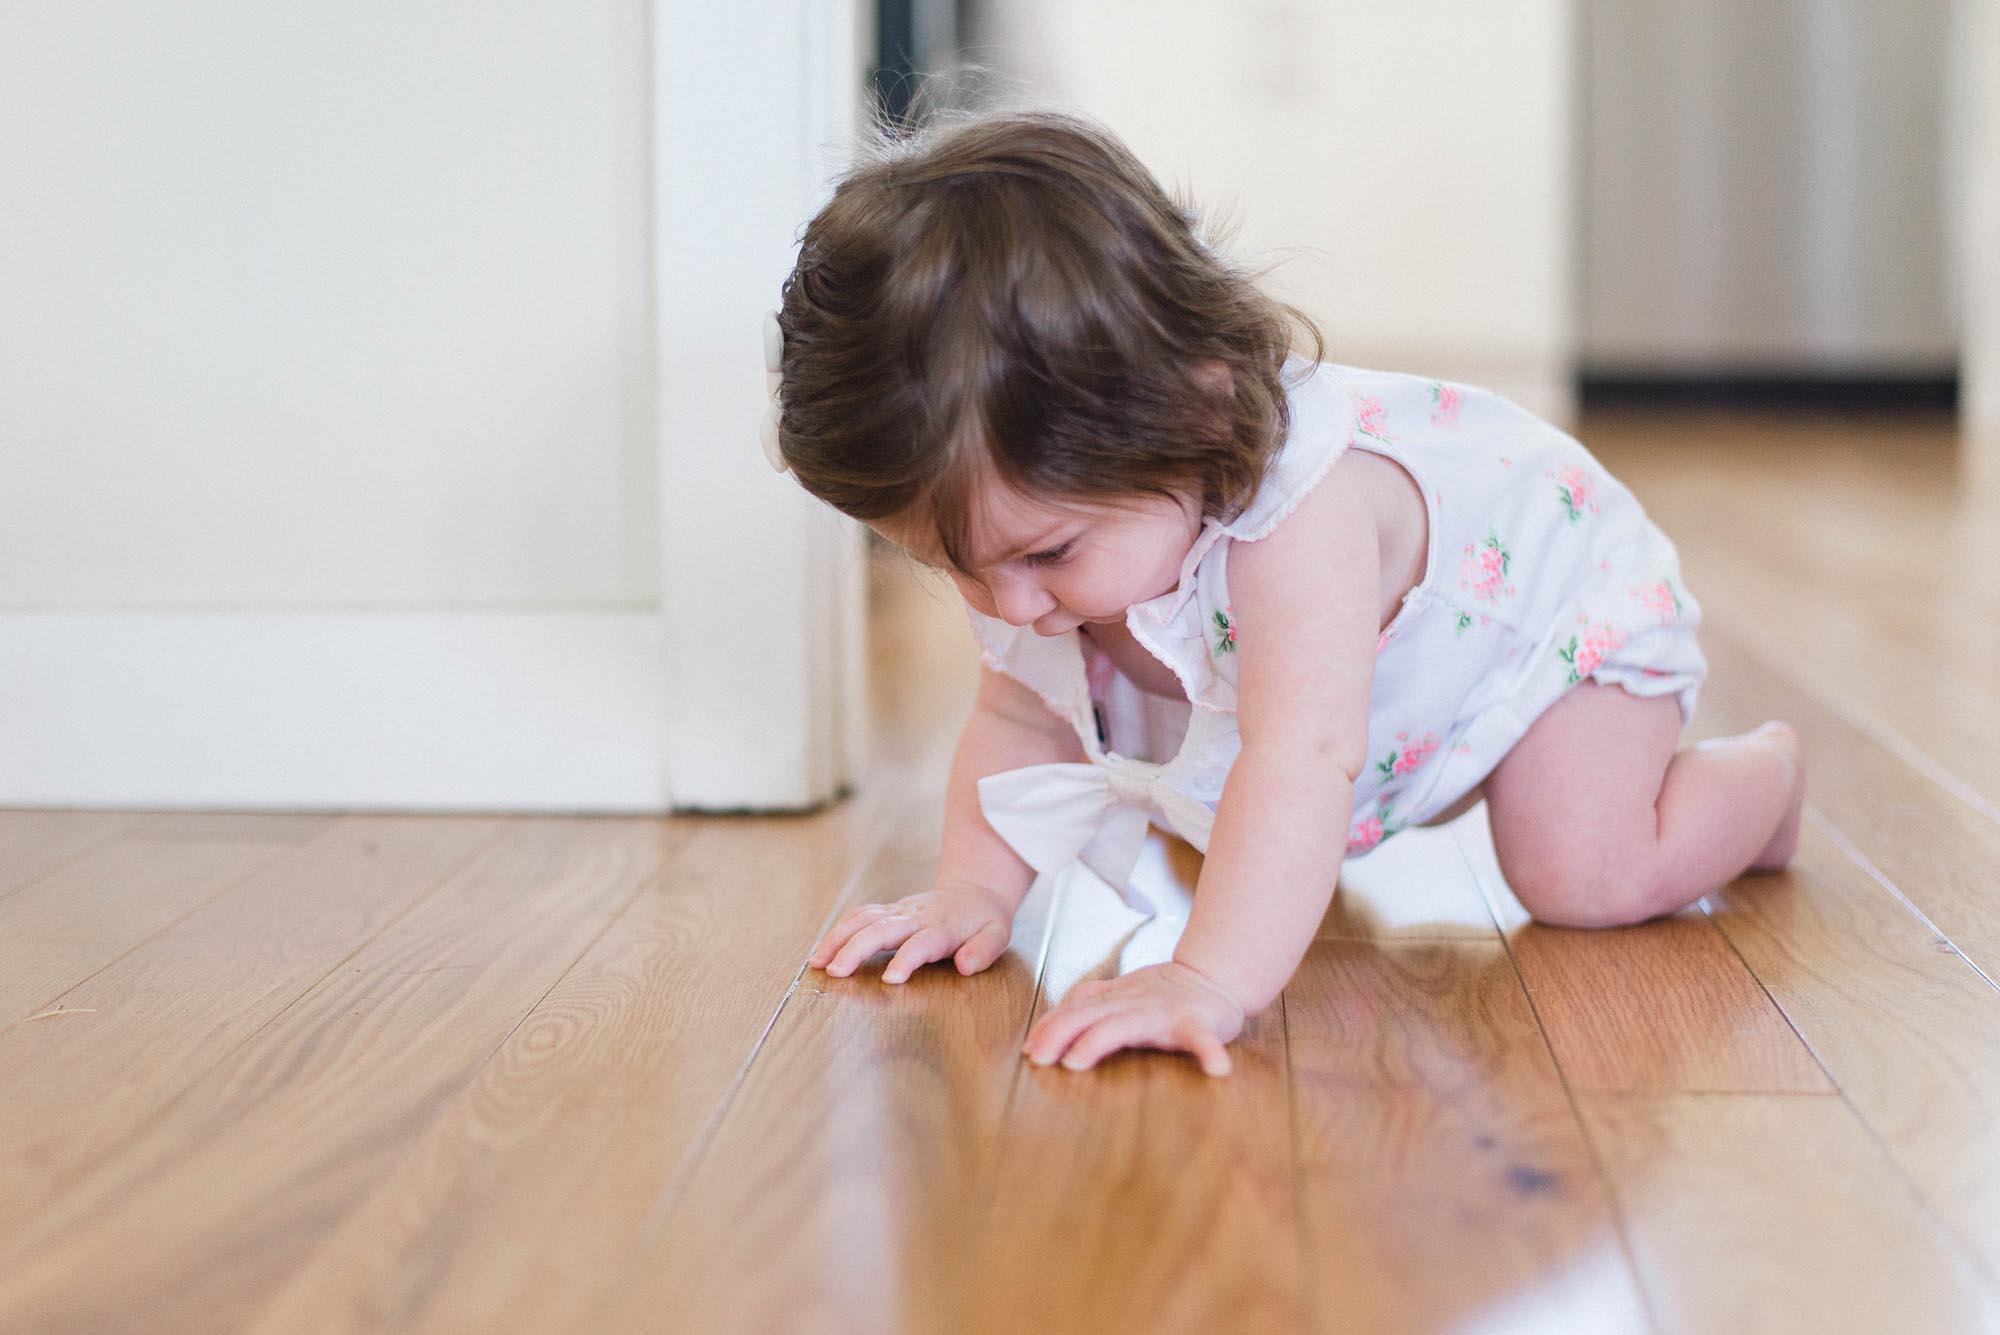 menina em cima do piso vinílico